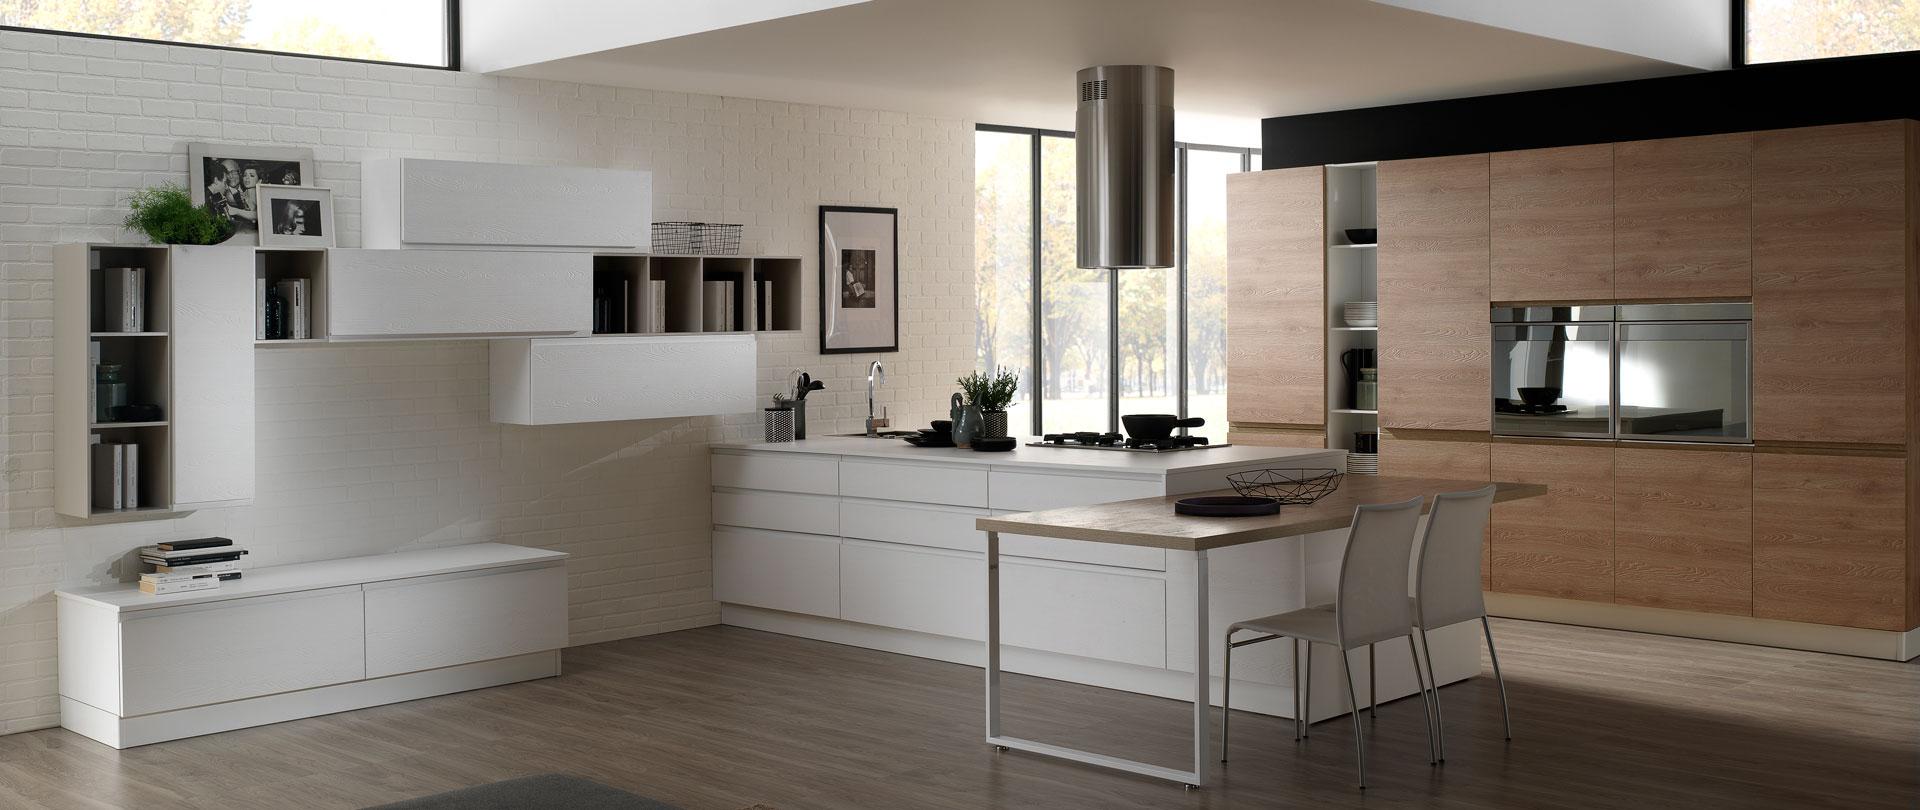 Il mobilone centro cucine corigliano calabro - Cucine mobilturi ...